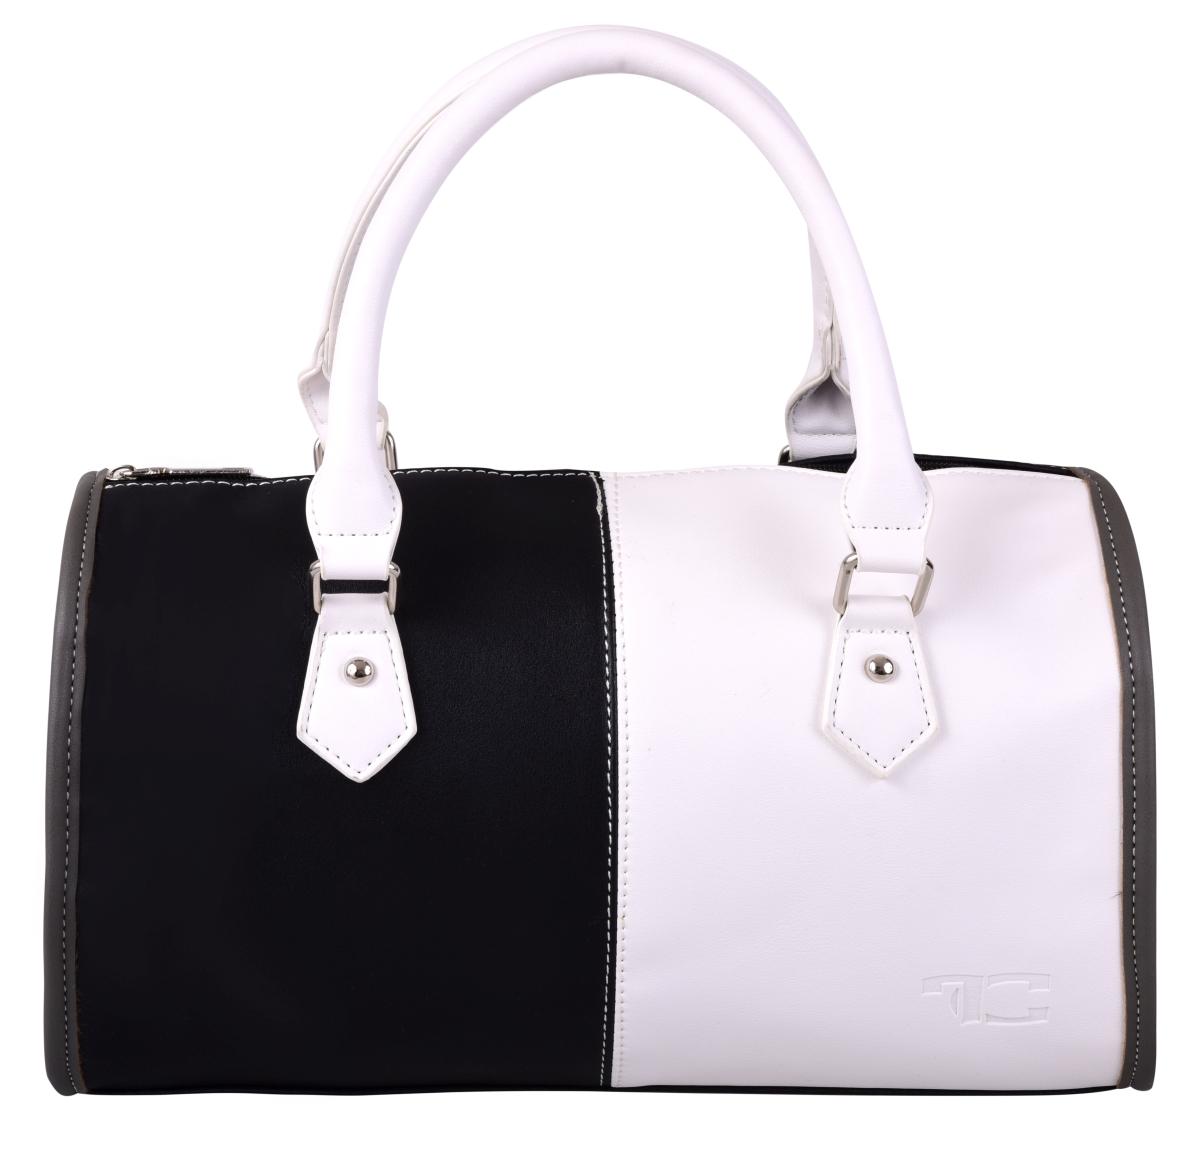 MYSTIQUE kabelka z ekokůže černo bílá